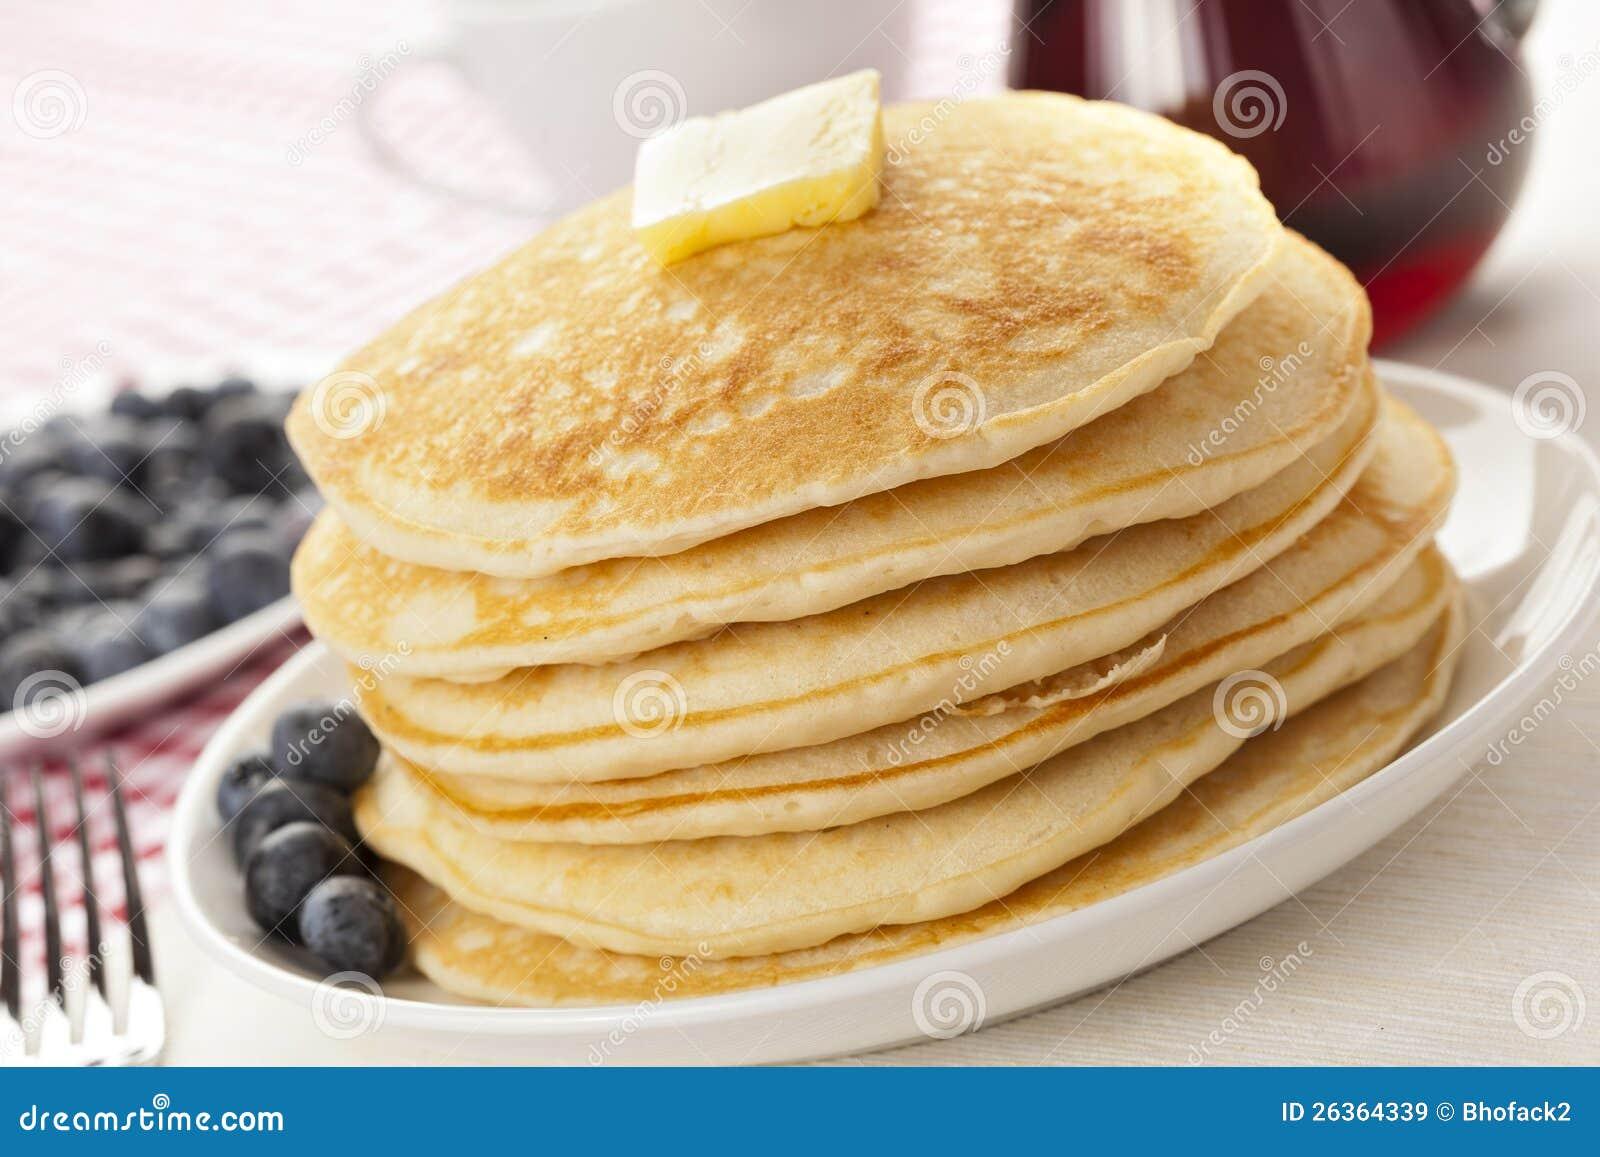 Frische selbst gemachte Pfannkuchen mit Sirup